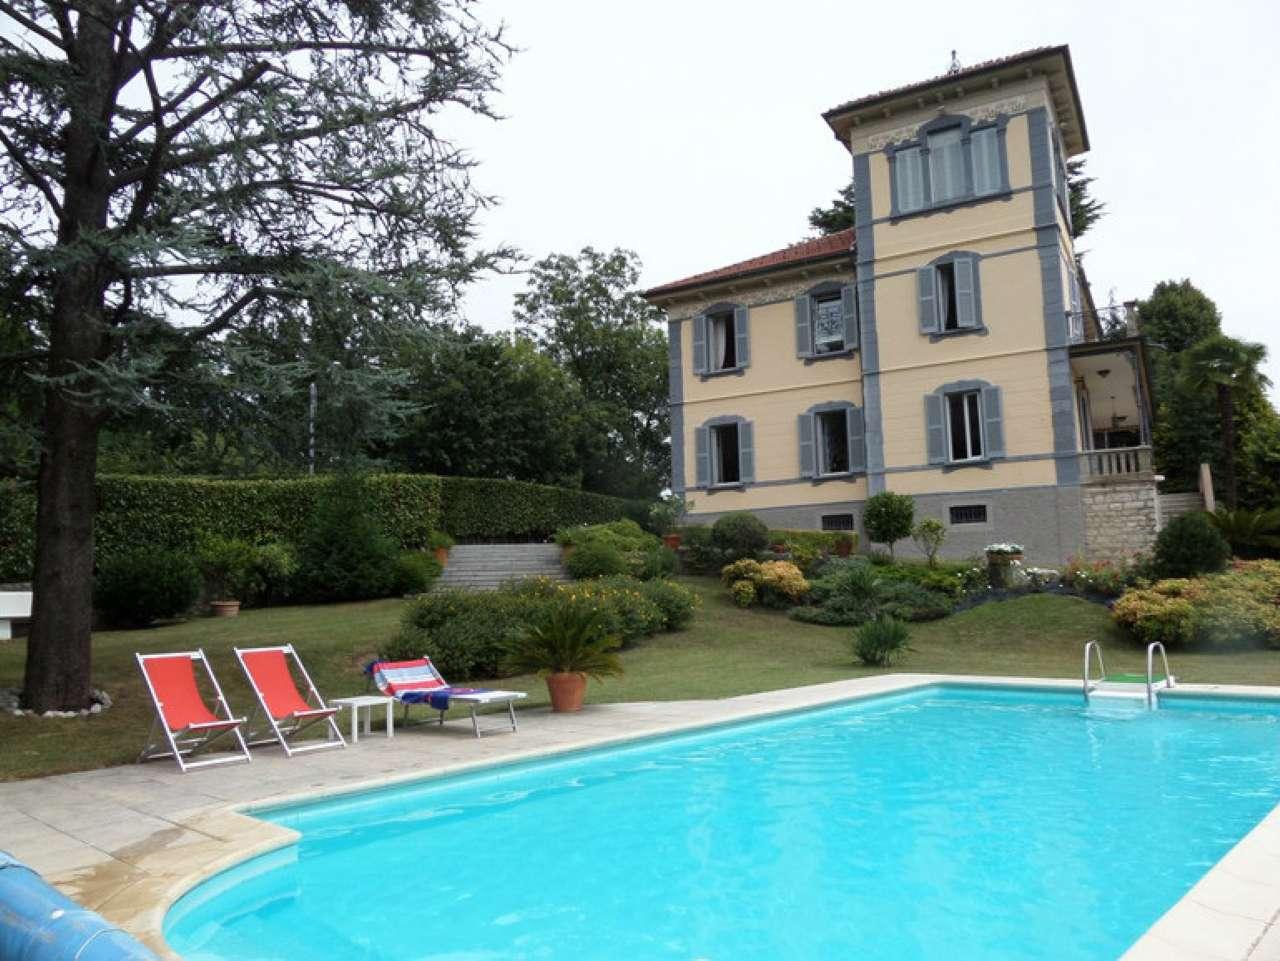 Villa in vendita a Viggiù, 9 locali, prezzo € 1.260.000 | PortaleAgenzieImmobiliari.it